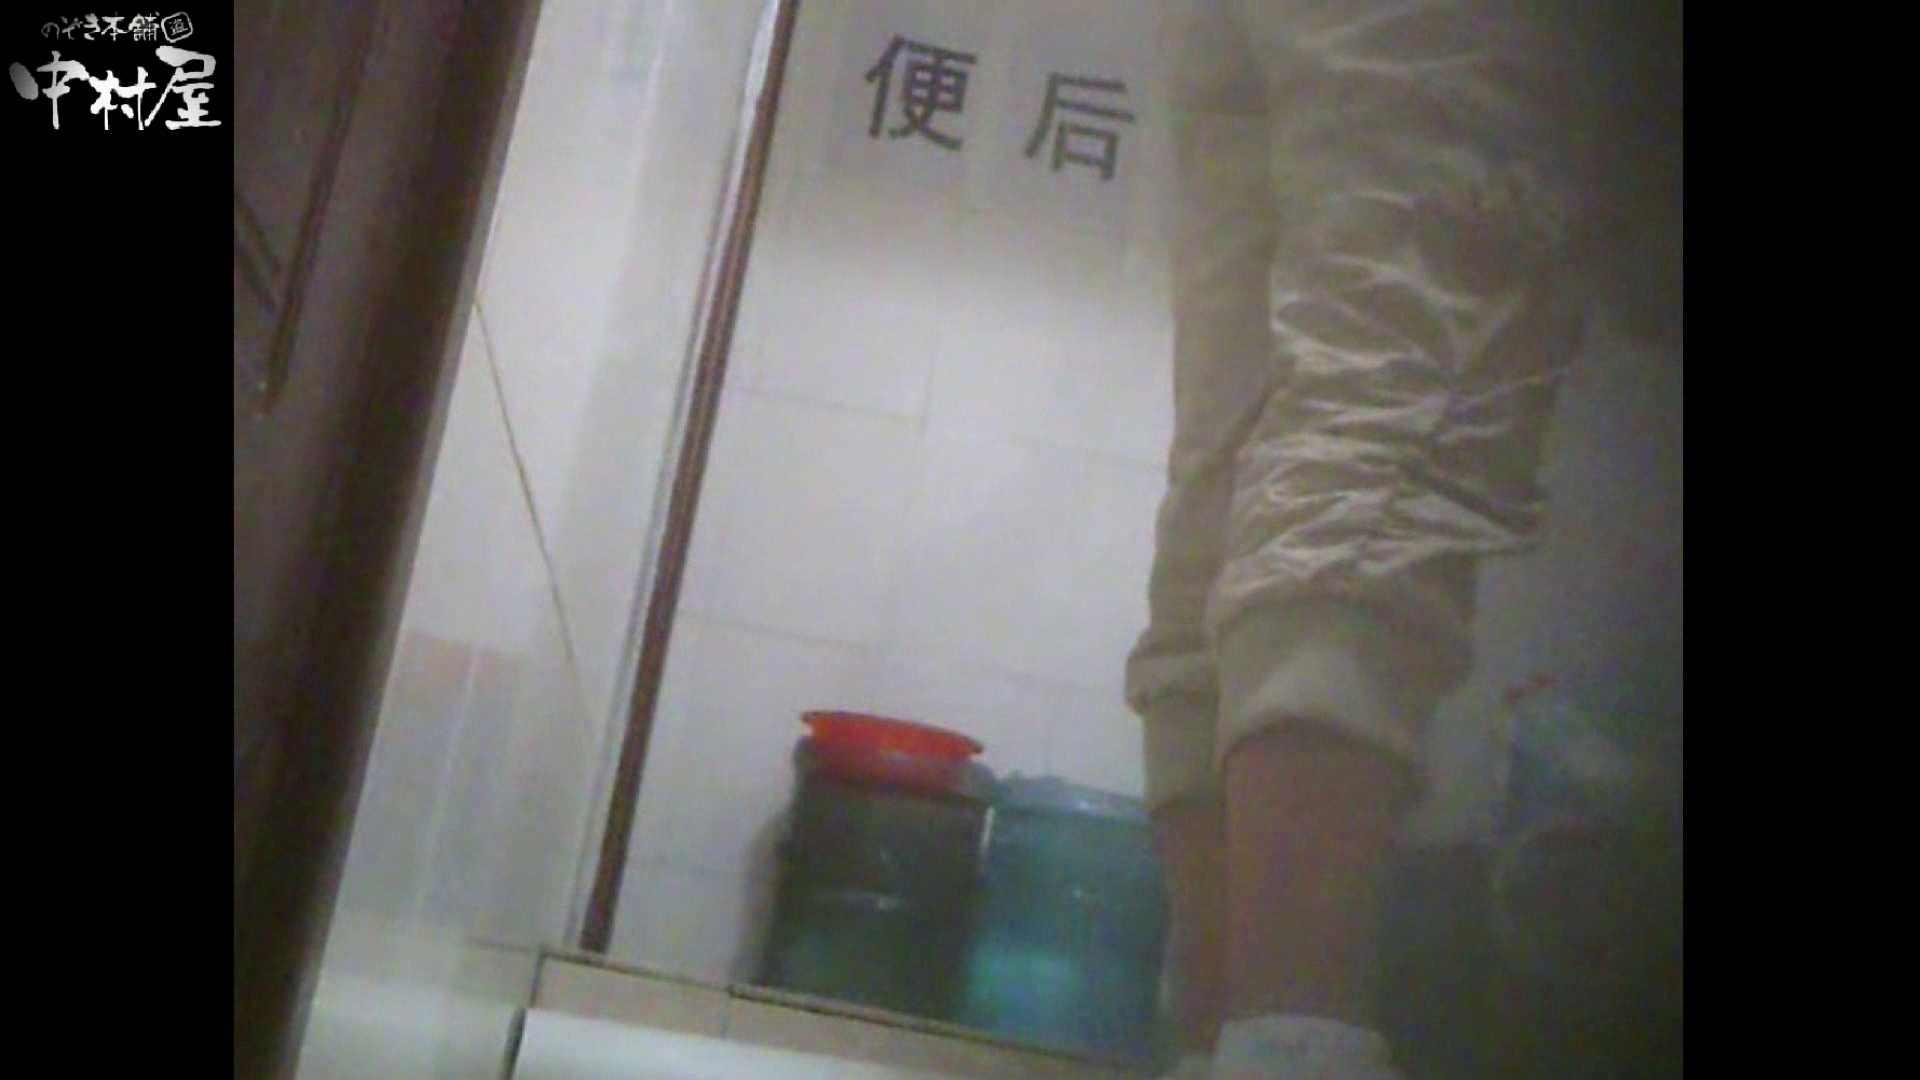 李さんの盗撮日記 Vol.08 トイレ オマンコ無修正動画無料 85連発 69